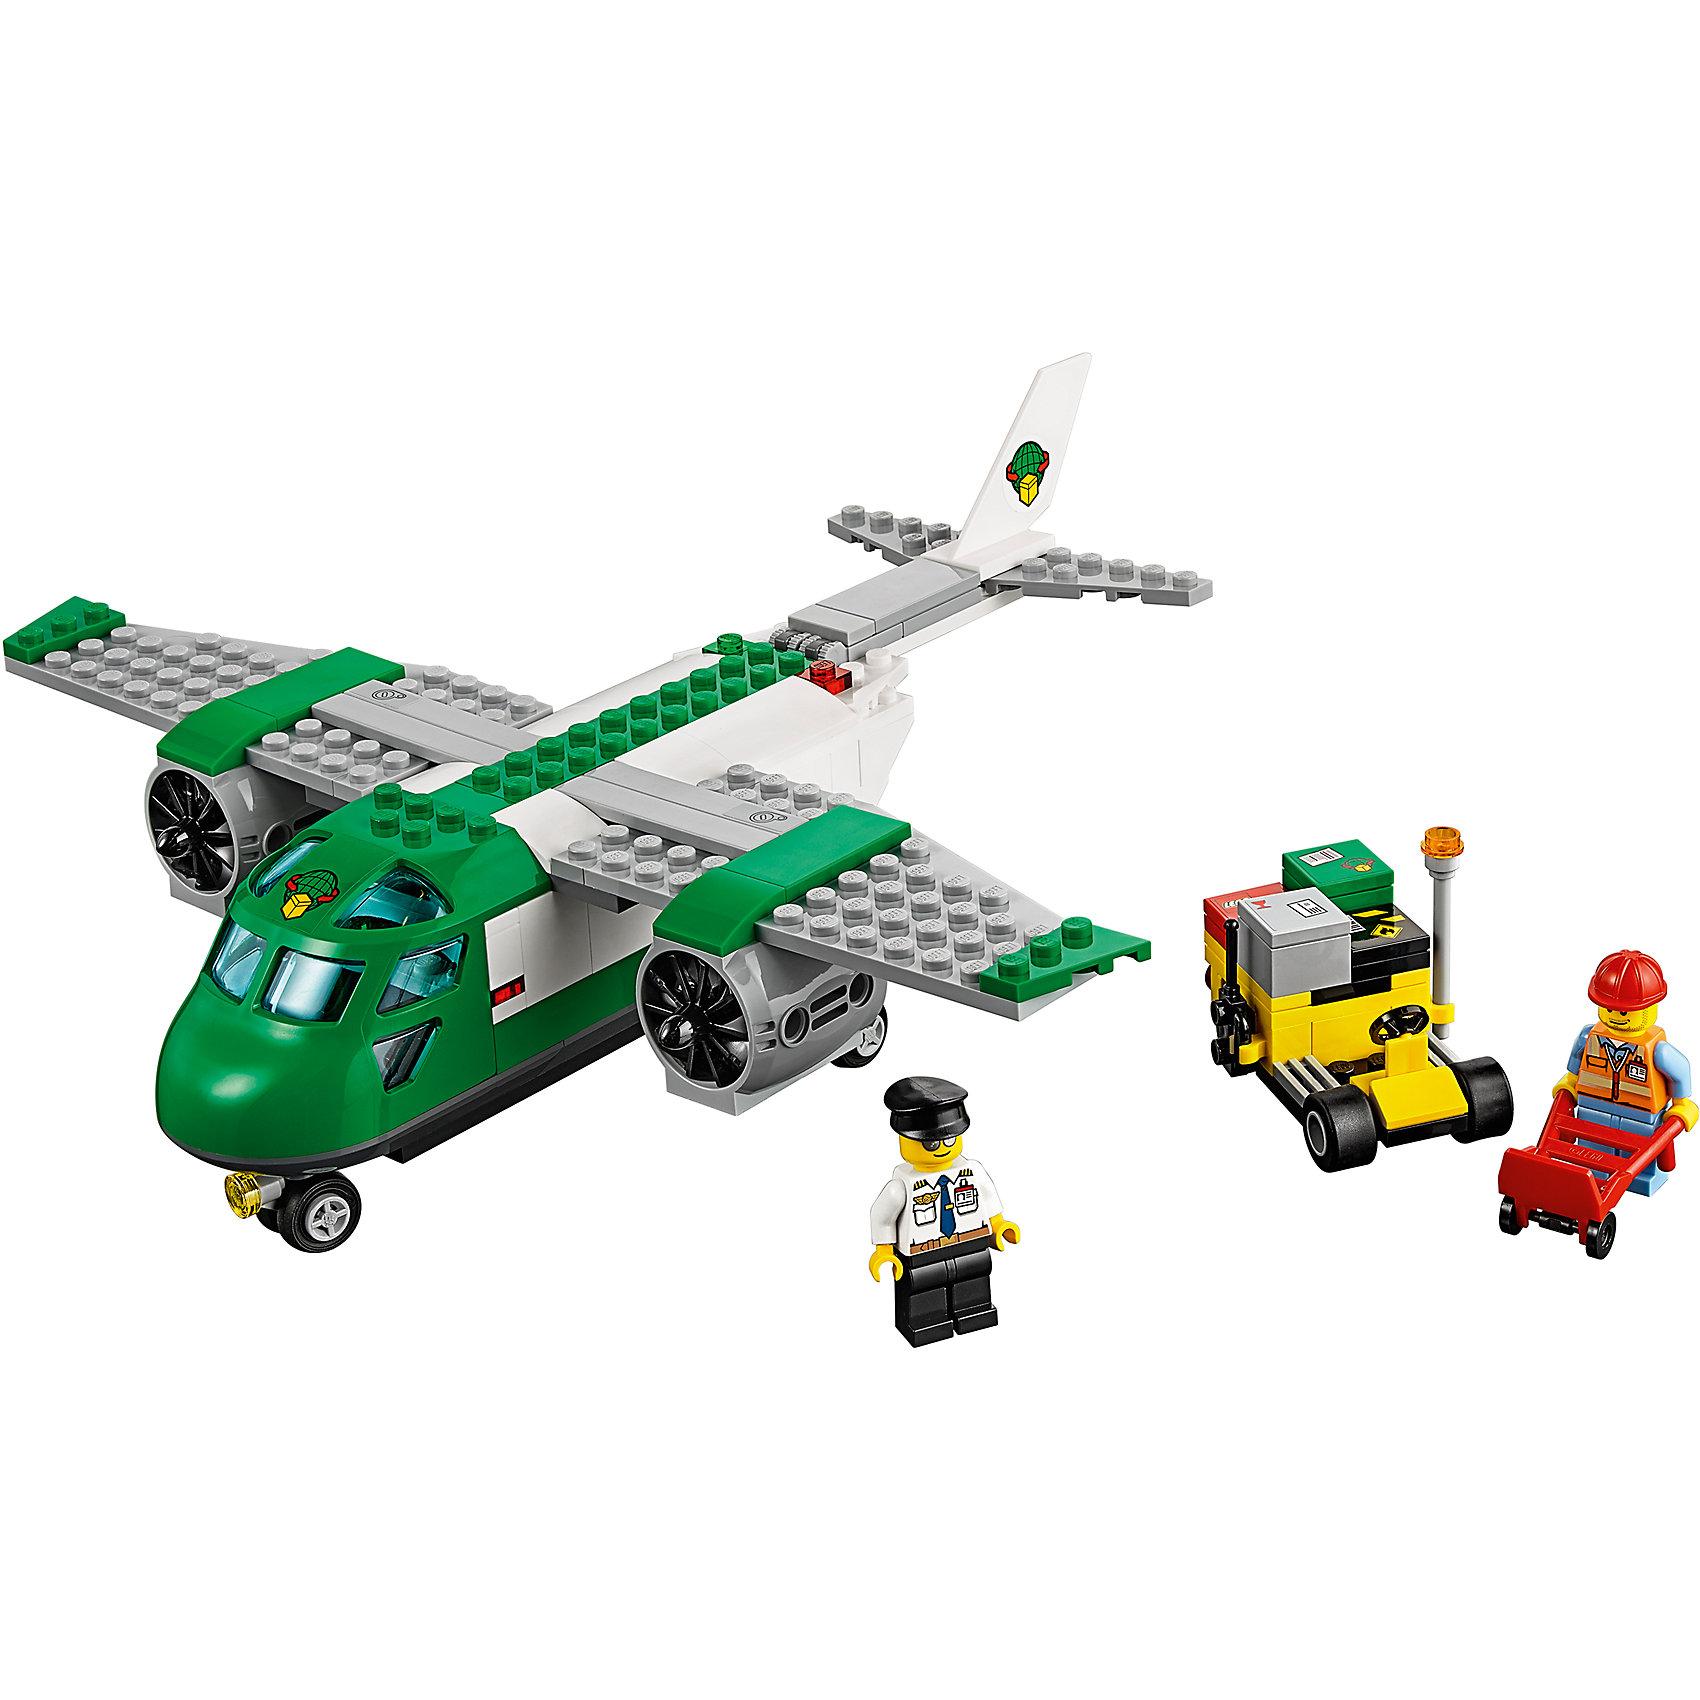 LEGO City 60101: Грузовой самолётПомоги работникам аэропорта вовремя доставить груз в нужное место! С помощью тележки загрузи посылки в служебный автомобиль, направь их к задней части самолета. Открой люк и помести коробки грузовой отсек самолета. Убедись, что люк закрыт, прежде чем дать разрешение на взлет! Отправь самолет на взлетную полосу и отправляйся в путь, доставь долгожданные посылки жителям Лего Города!<br><br>LEGO City (ЛЕГО Сити) - серия детских конструкторов ЛЕГО, с помощью которого ваш ребенок может погрузиться в мир мегаполиса. Эта серия поможет ребенку понять, как устроена жизнь города, какие функции выполняют те или иные люди и техника. Предлагает на выбор огромное множество профессий, сфер деятельности и ситуаций, связанных с ними.<br><br>Дополнительная информация:<br><br>- Конструкторы ЛЕГО развивают усидчивость, внимание, фантазию и мелкую моторику. <br>- 2 минифигурки.<br>- Количество деталей: 157. <br>- Комплектация: 2 минифигурки рабочих, самолет, служебный автомобиль, аксессуары.<br>- Колеса служебного автомобиля и тележки подвижны.<br>- У самолета открываются и закрываются дверь и задний люк.<br>- Серия ЛЕГО Сити (LEGO City).<br>- Материал: пластик.<br>- Размер упаковки: 26х6х19 см.<br>- Вес: 0.42 кг.<br><br>Конструктор LEGO City 60101: Грузовой самолёт можно купить в нашем магазине.<br><br>Ширина мм: 264<br>Глубина мм: 192<br>Высота мм: 66<br>Вес г: 362<br>Возраст от месяцев: 60<br>Возраст до месяцев: 144<br>Пол: Мужской<br>Возраст: Детский<br>SKU: 4641236